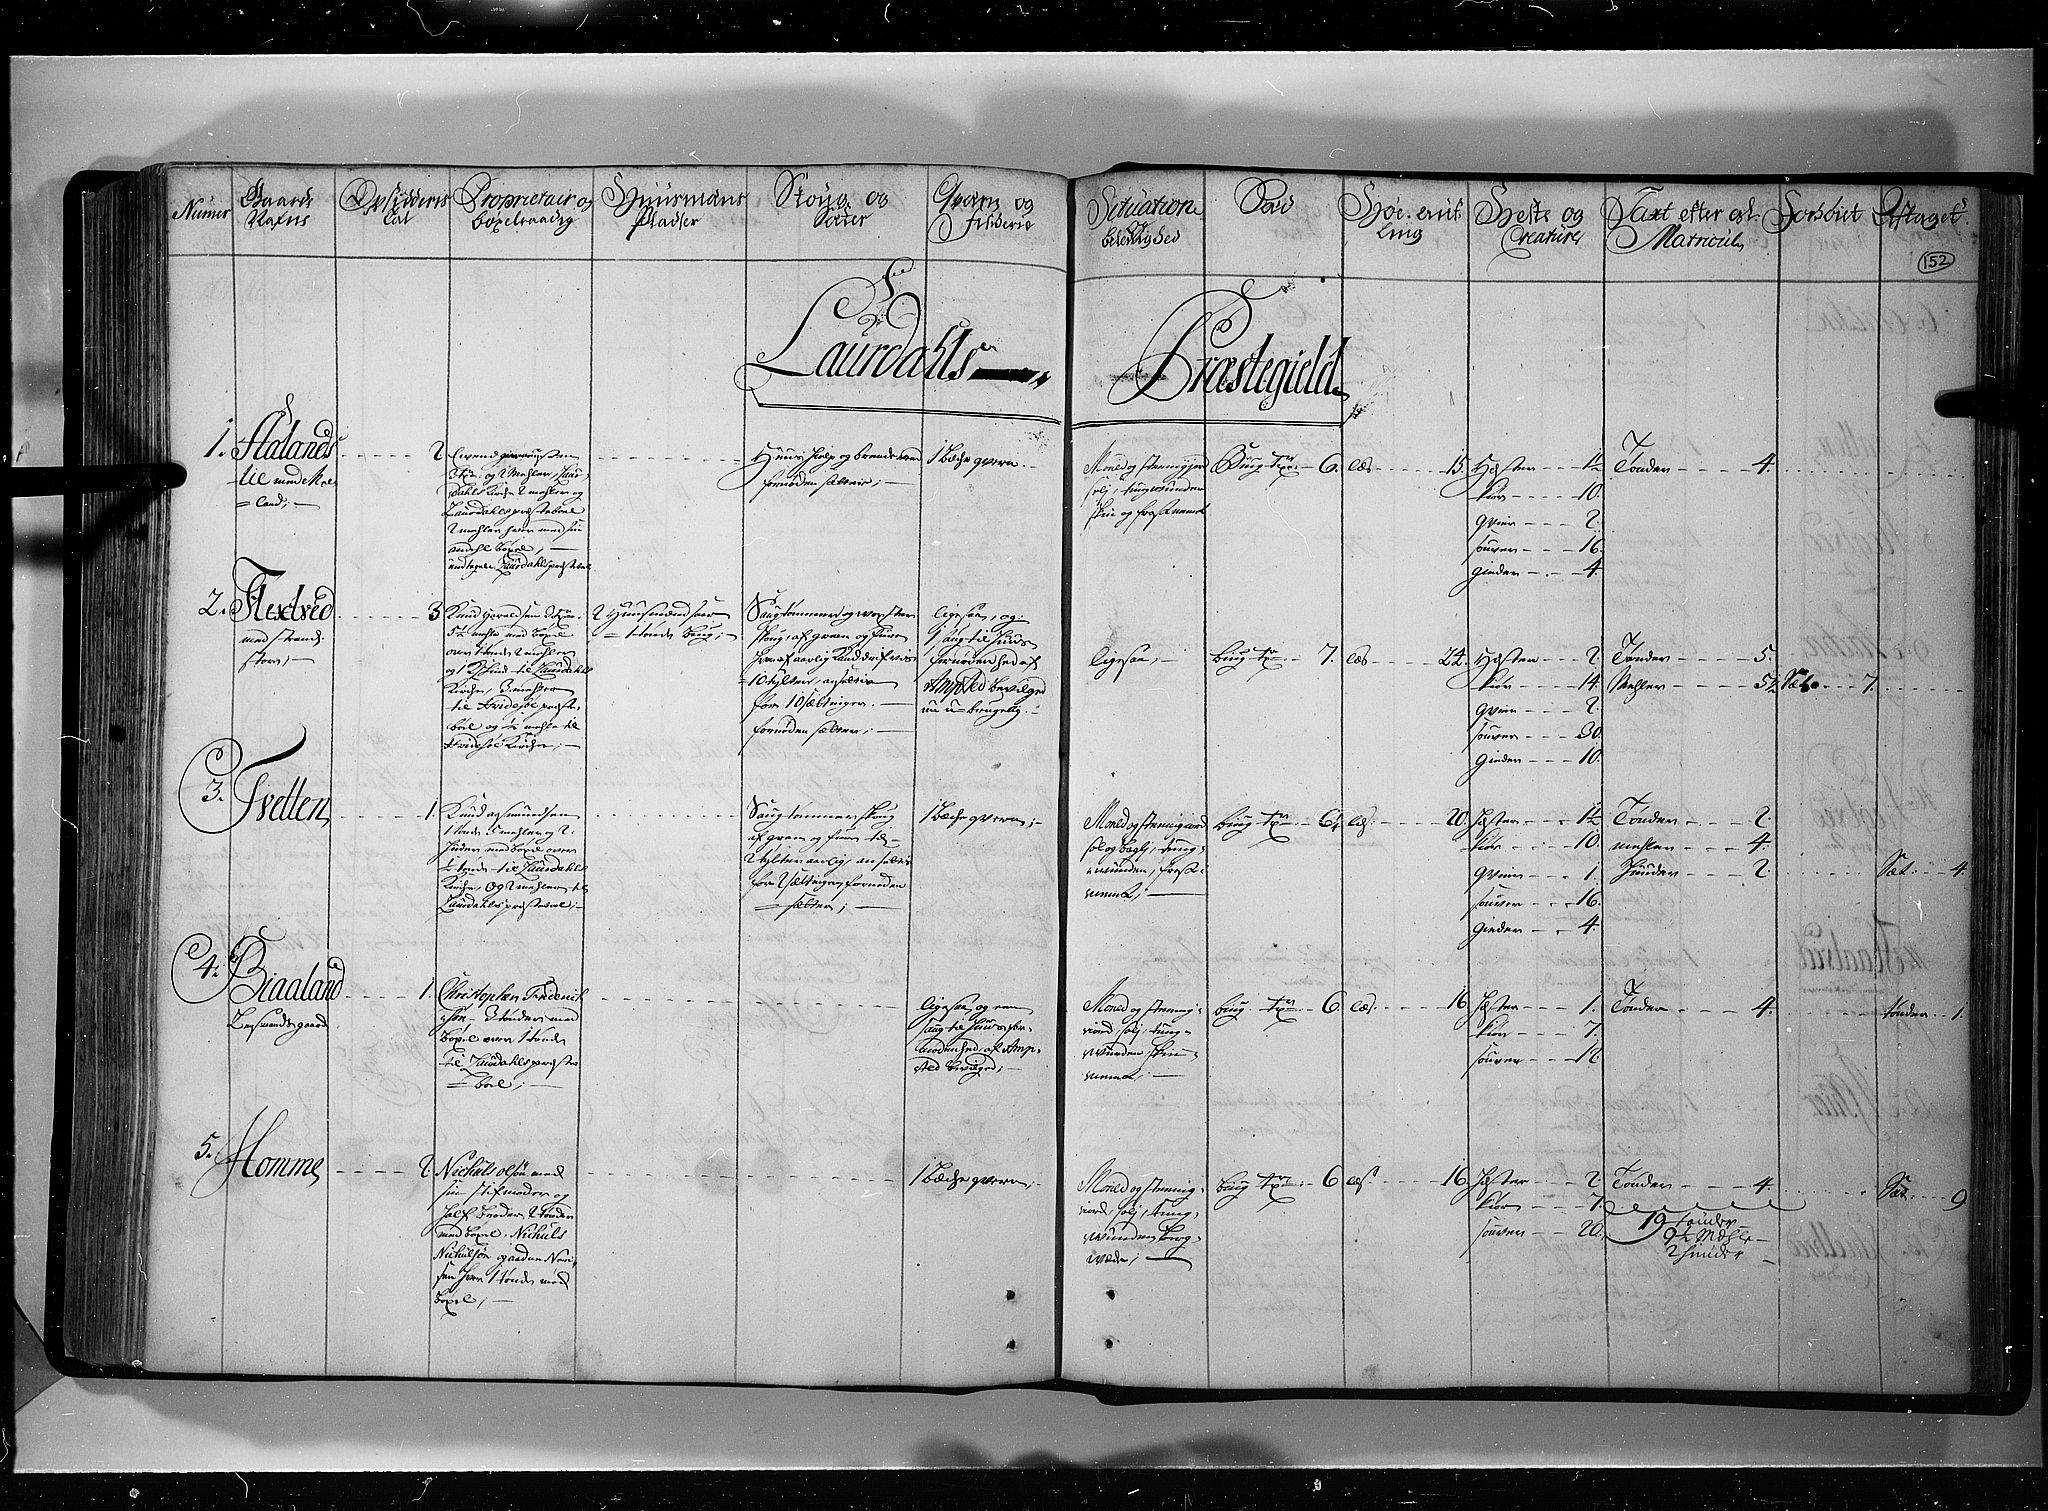 RA, Rentekammeret inntil 1814, Realistisk ordnet avdeling, N/Nb/Nbf/L0121: Øvre og Nedre Telemark eksaminasjonsprotokoll, 1723, s. 151b-152a